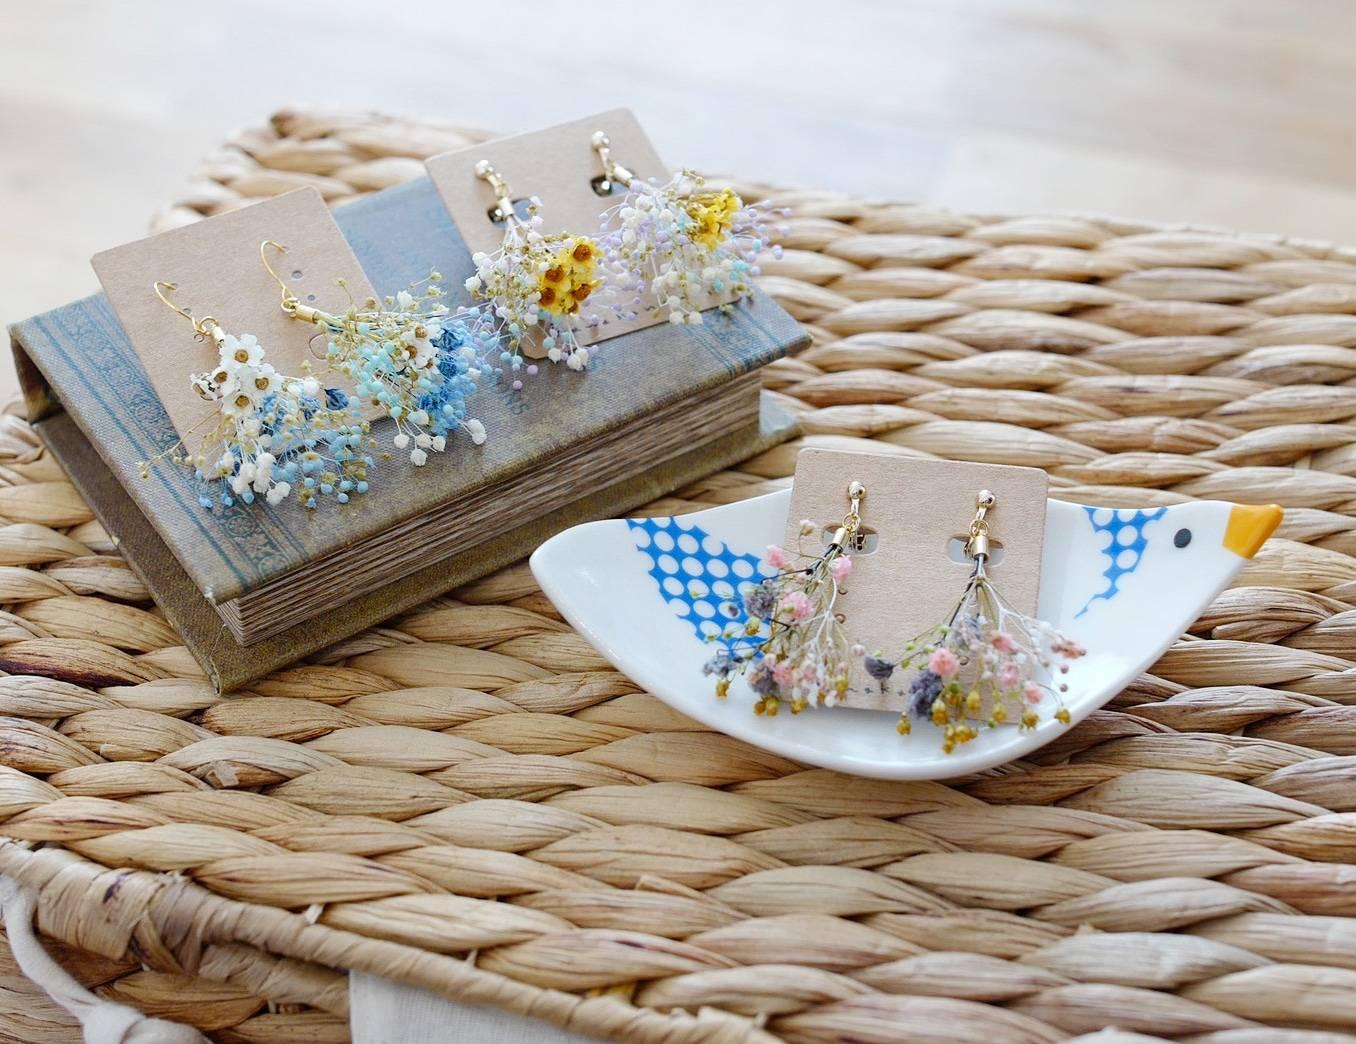 複数のflowershowerイヤリングの画像